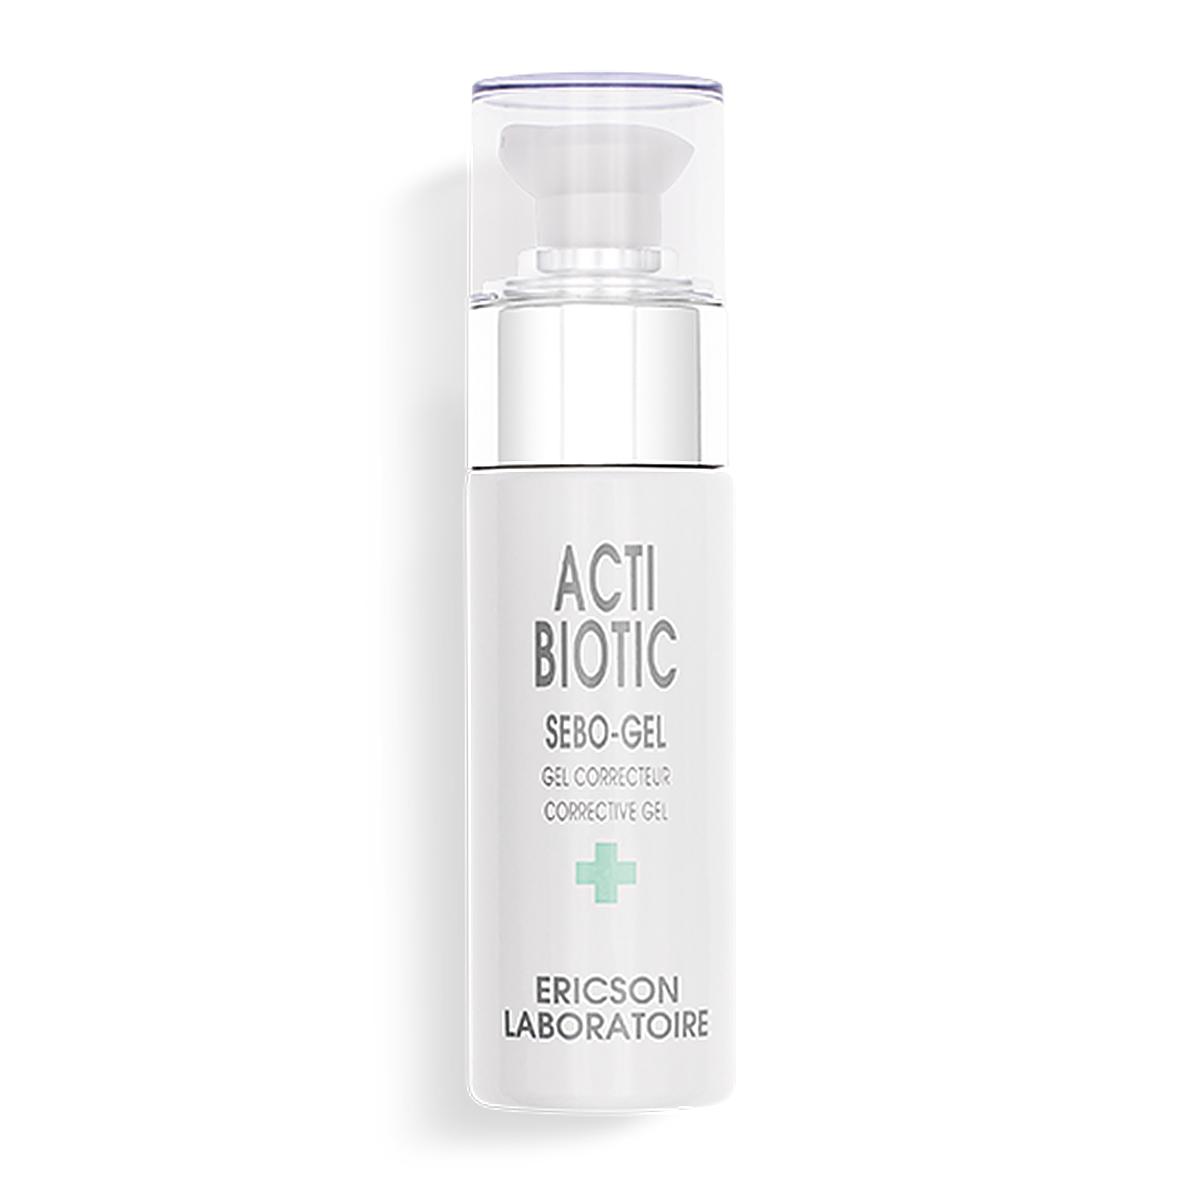 ACTI BIOTIC E530 - Gel điều trị mụn và giảm nhờn Sebo Gel